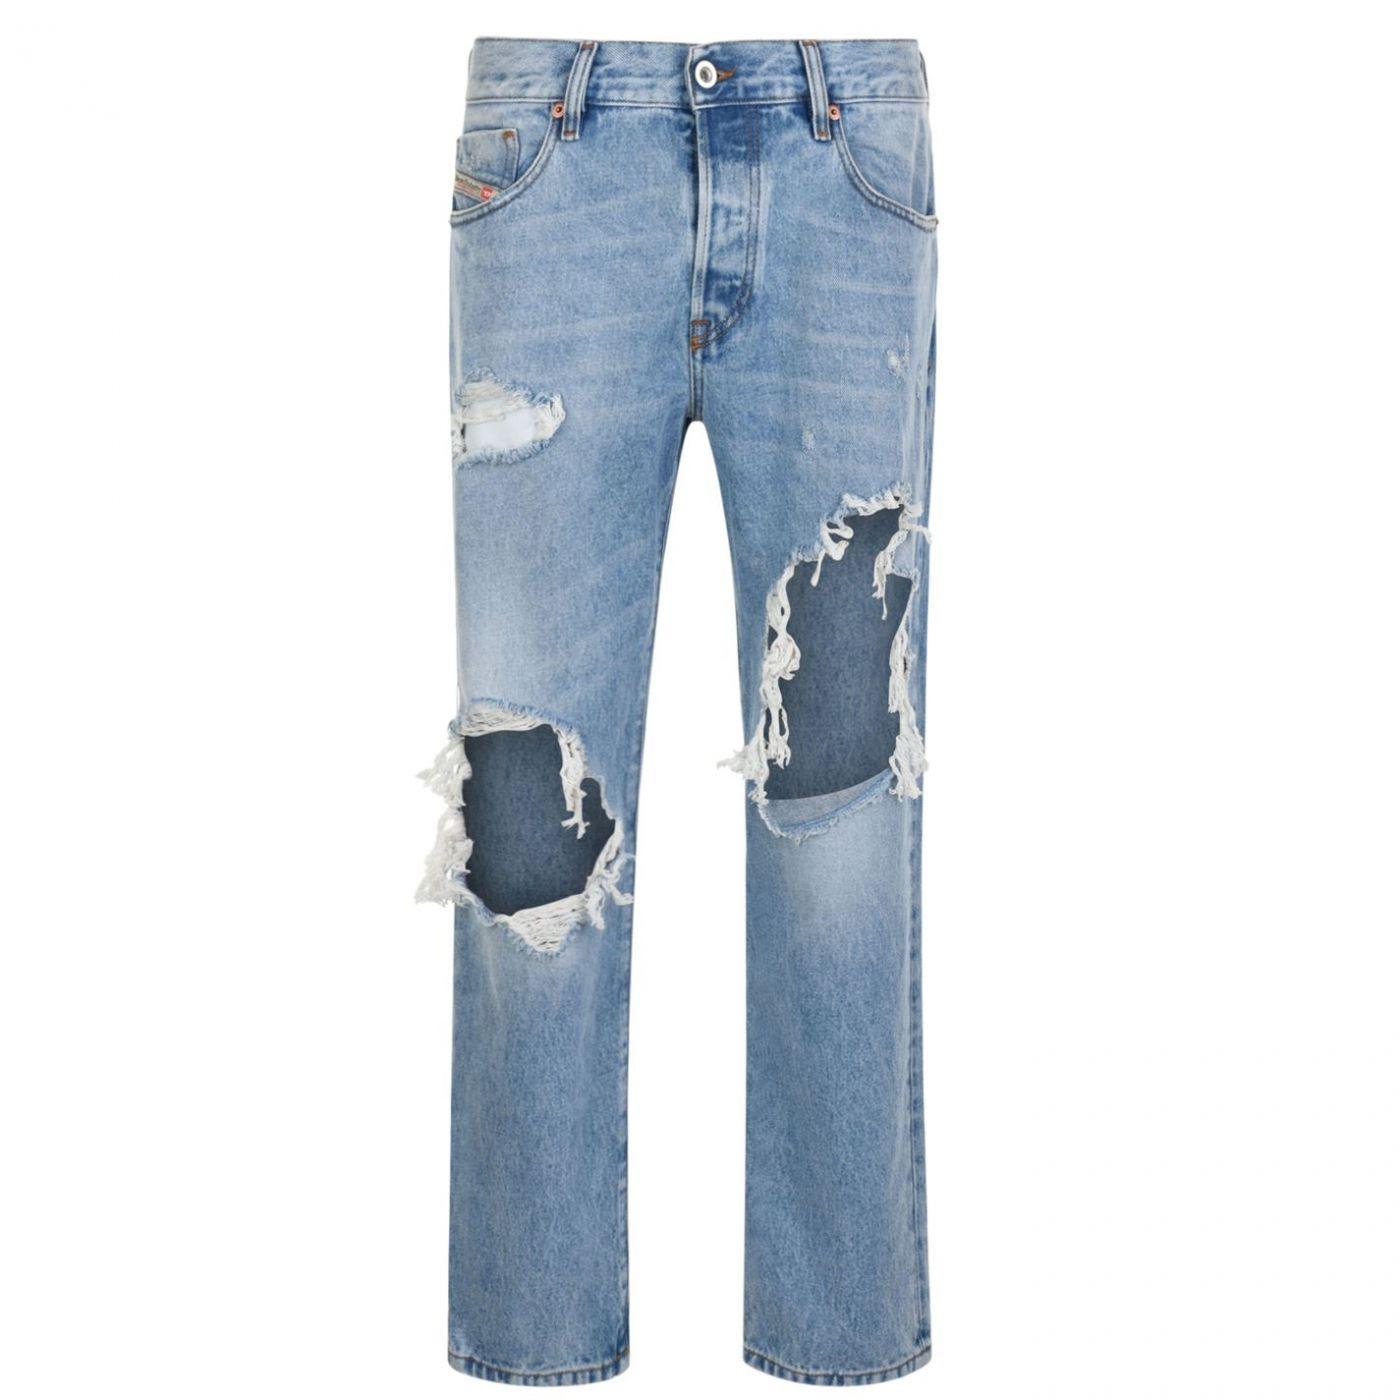 Diesel Ripped Slim Fit Jeans